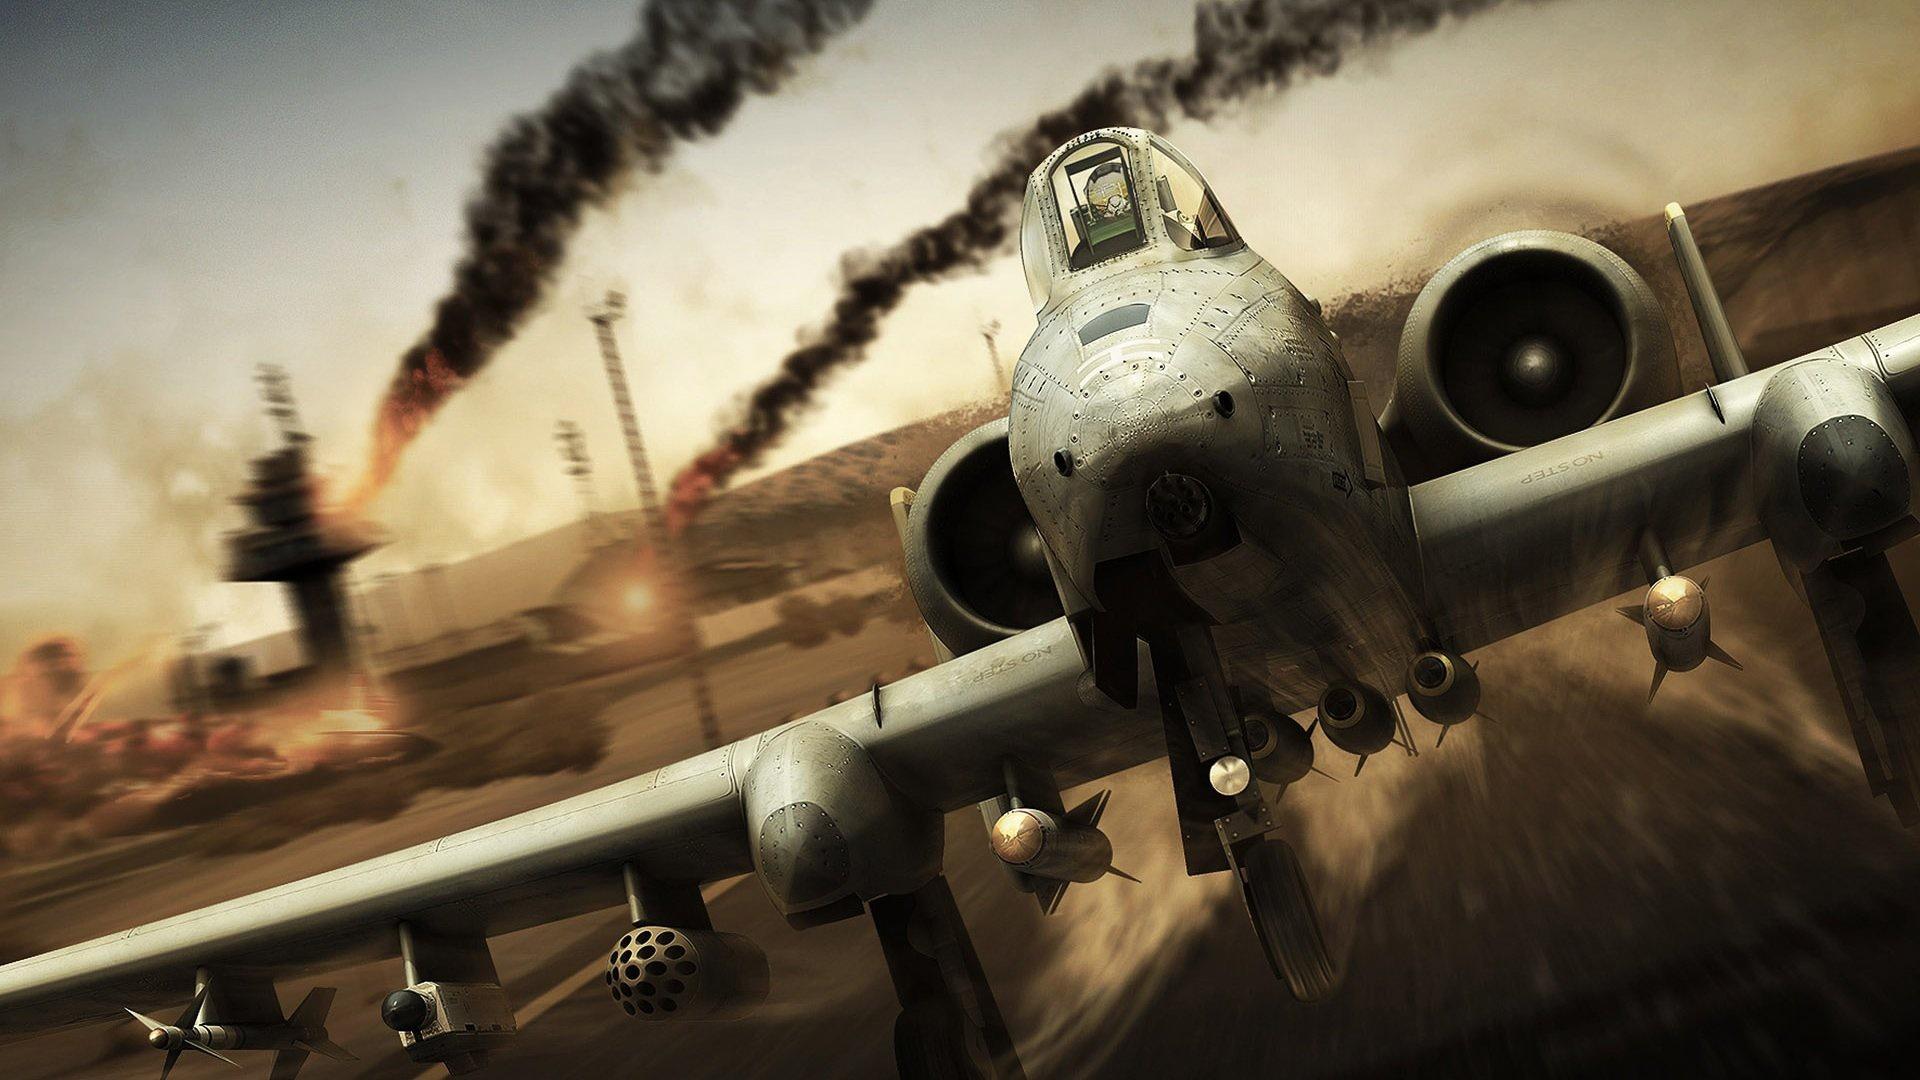 游戏 战争游戏 空战 A10攻击机 游戏壁纸壁纸